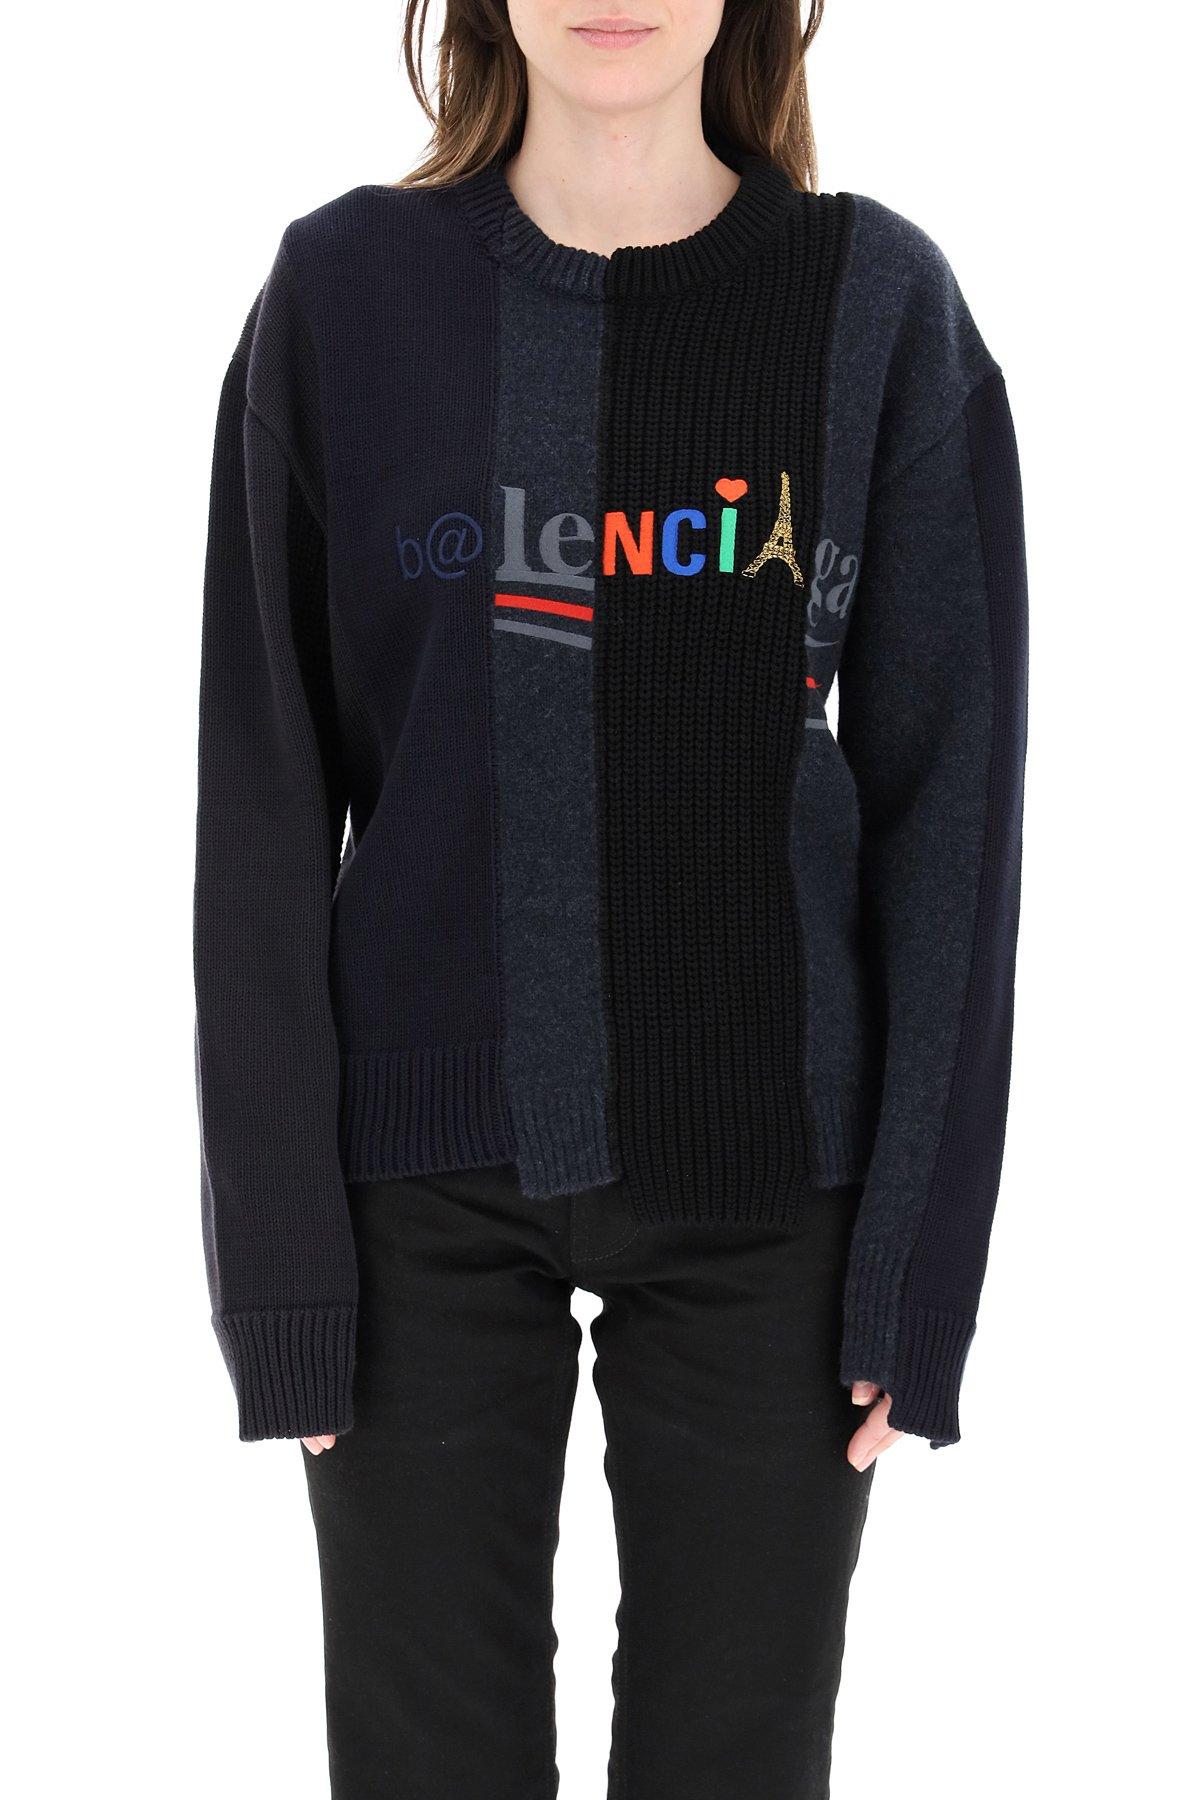 Balenciaga pullover ricomposto con logo